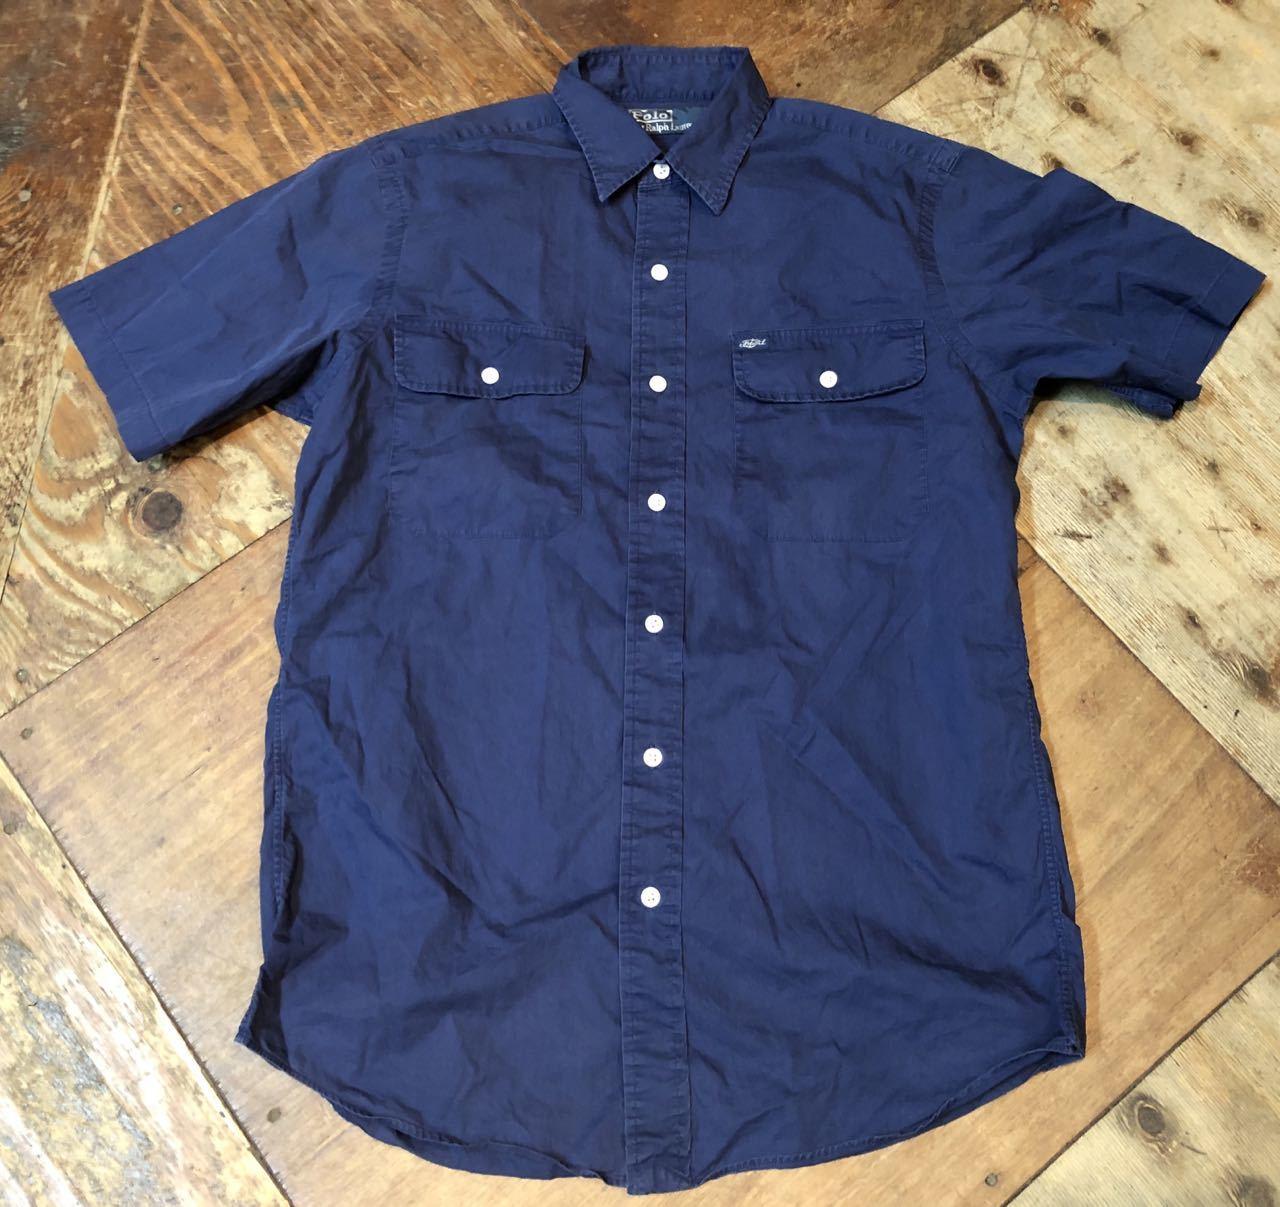 5月3日(金)入荷! POLO RALPH LAUREN コットンサテンシャツ!_c0144020_19335009.jpg